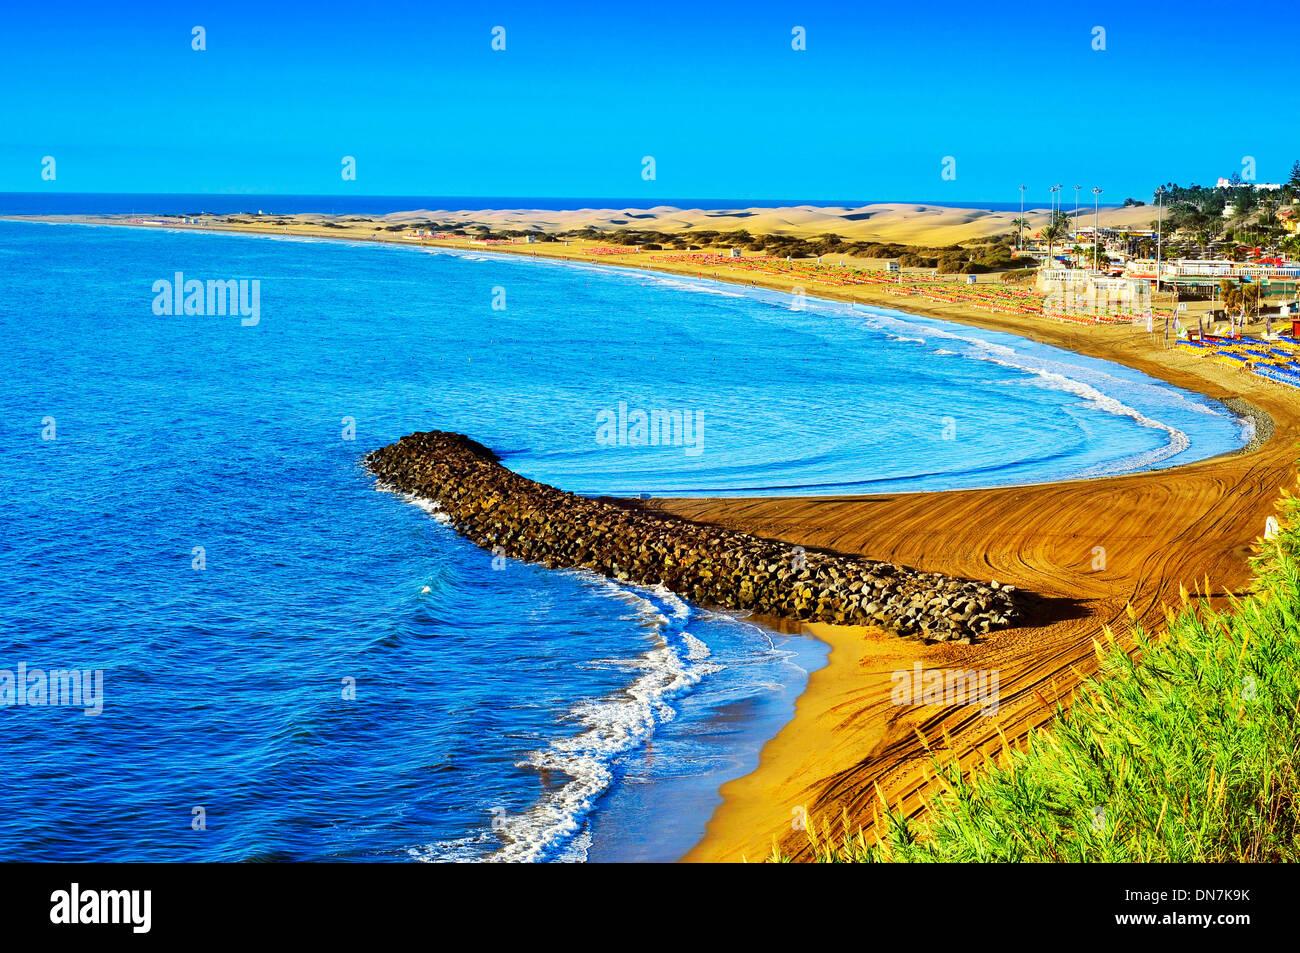 Playa del Ingles Strand und Dünen von Maspalomas, Gran Canaria, Kanarische Inseln, Spanien Stockbild